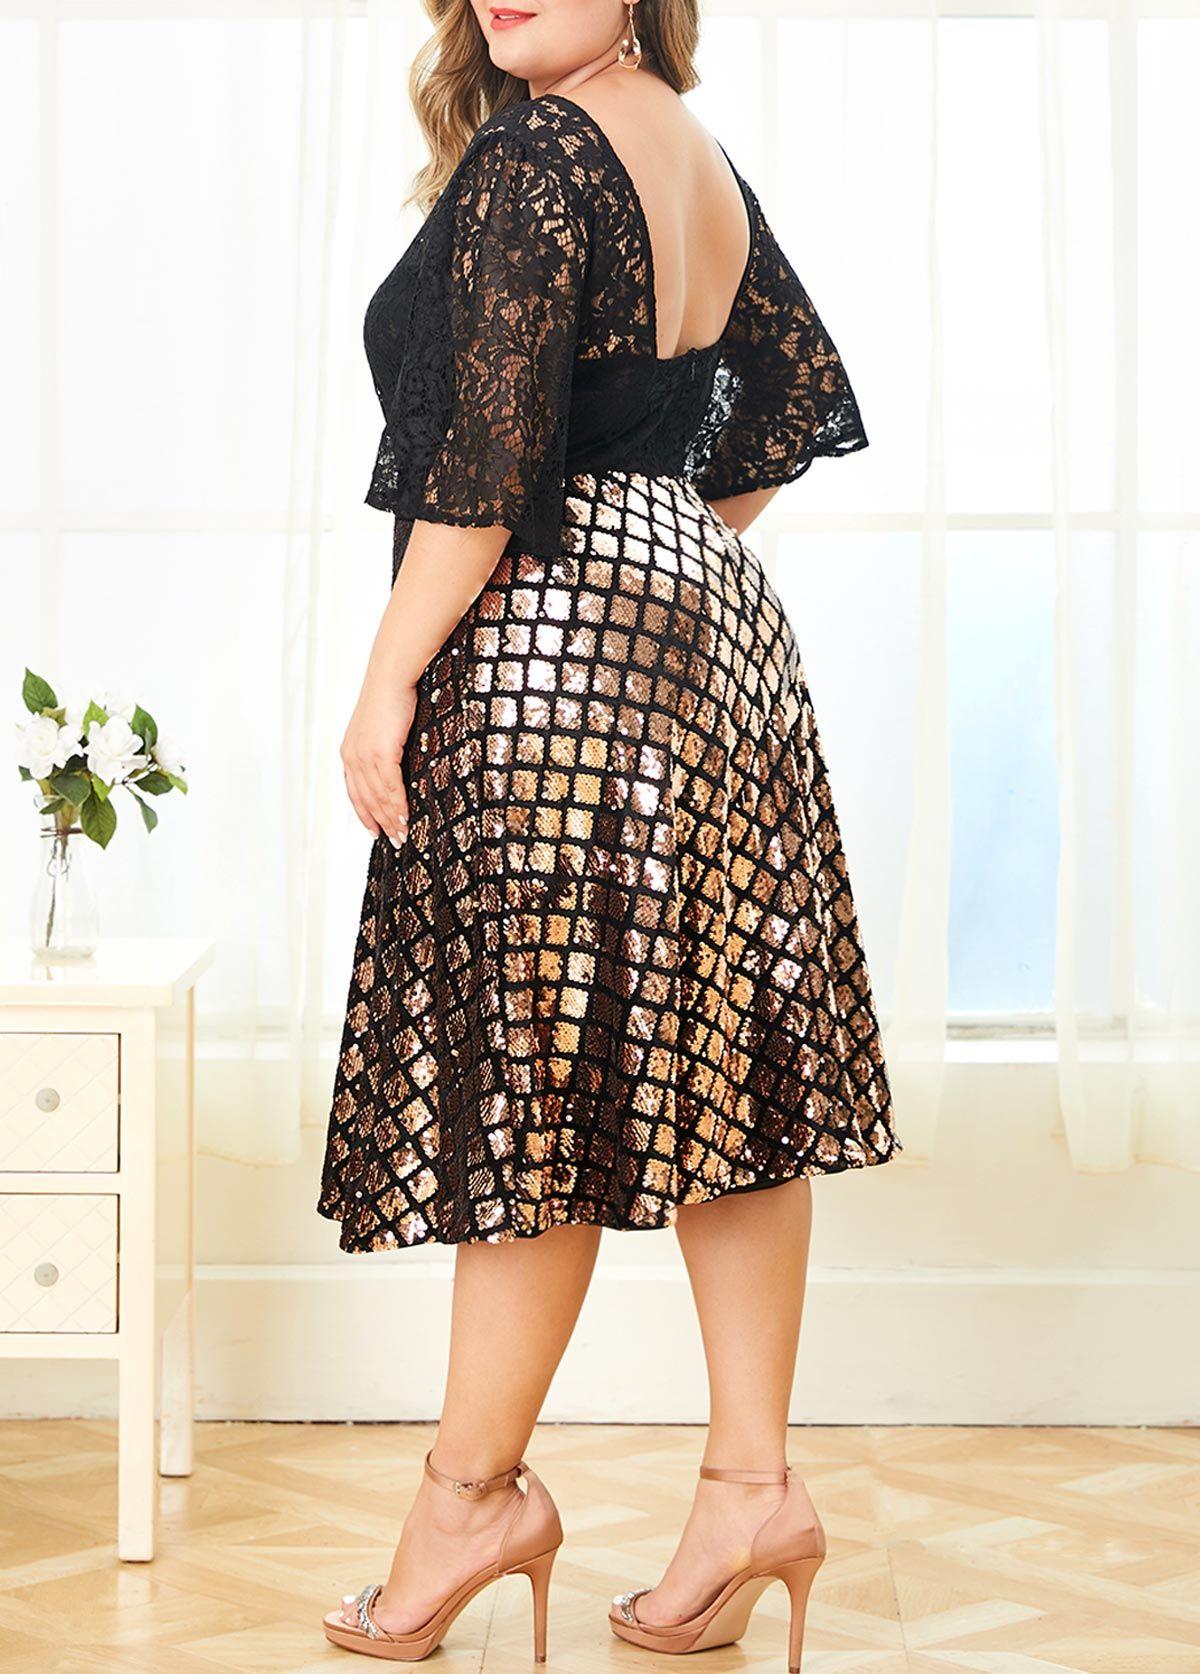 Zipper Back Lace Panel Plus Size Sparkle Dress | Rosewe.com ...